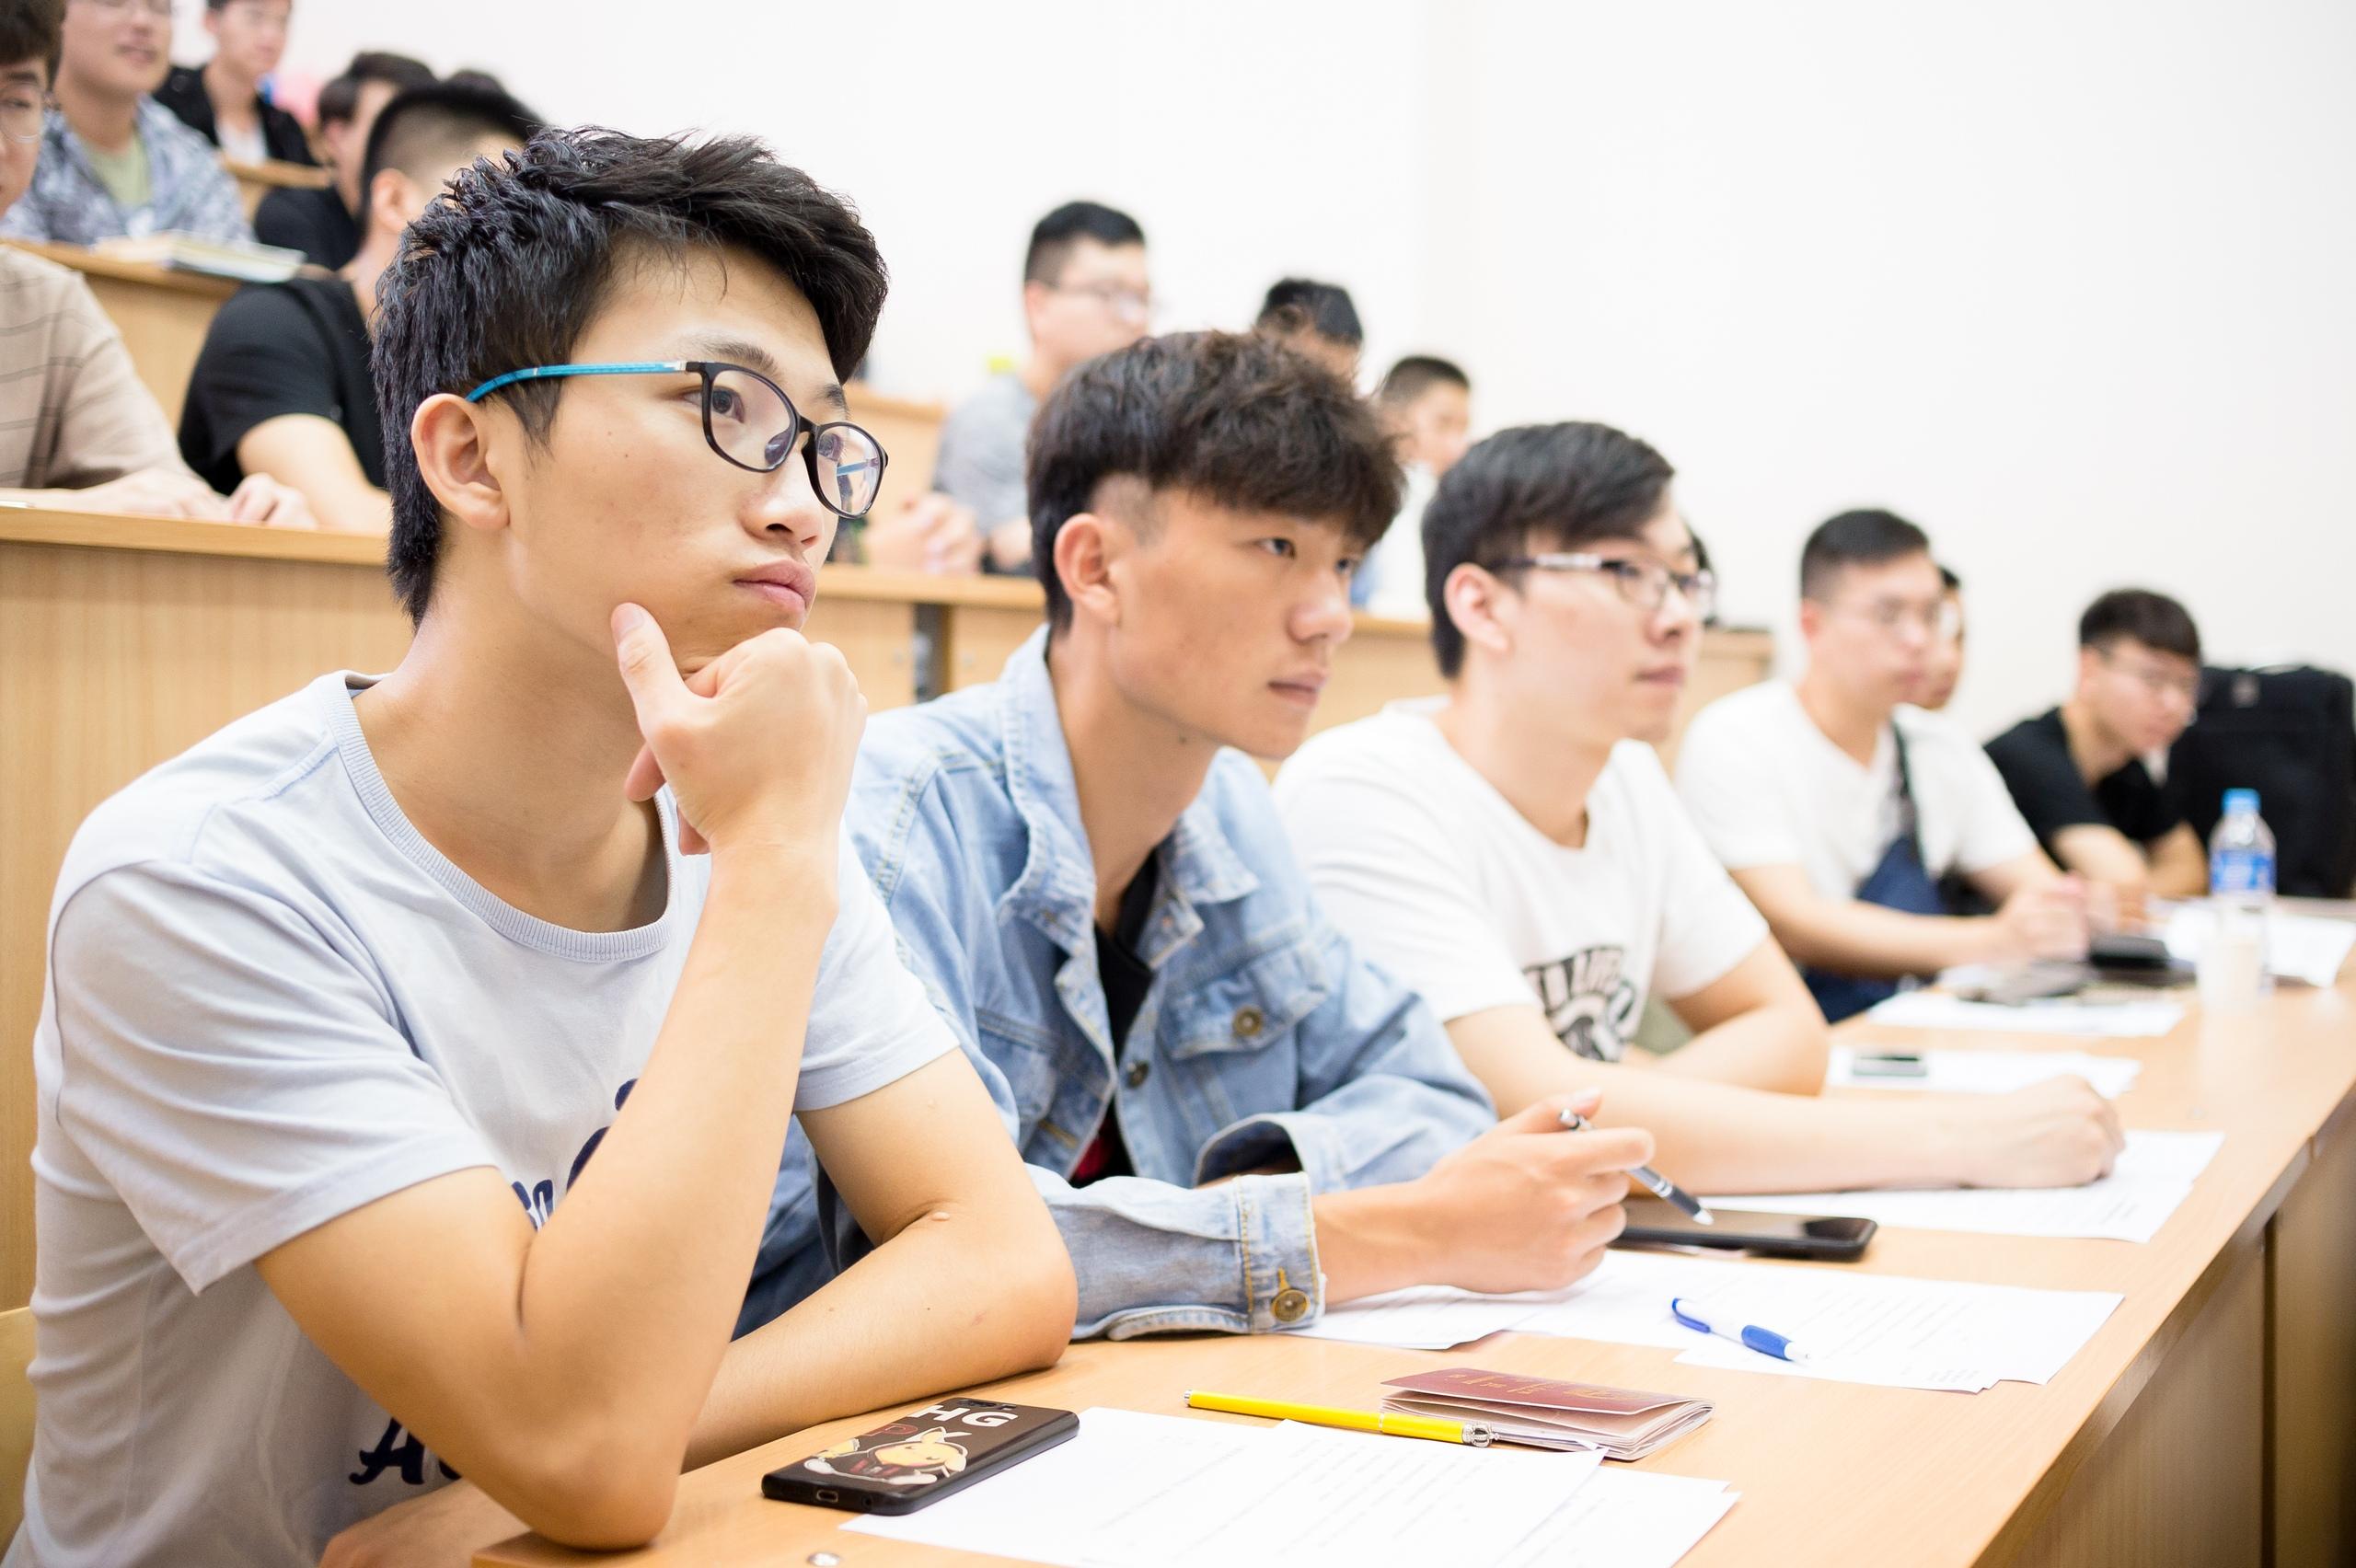 Центр «Институт Пушкина» ЮУрГУ проведет вебинар для преподавателей из Китая